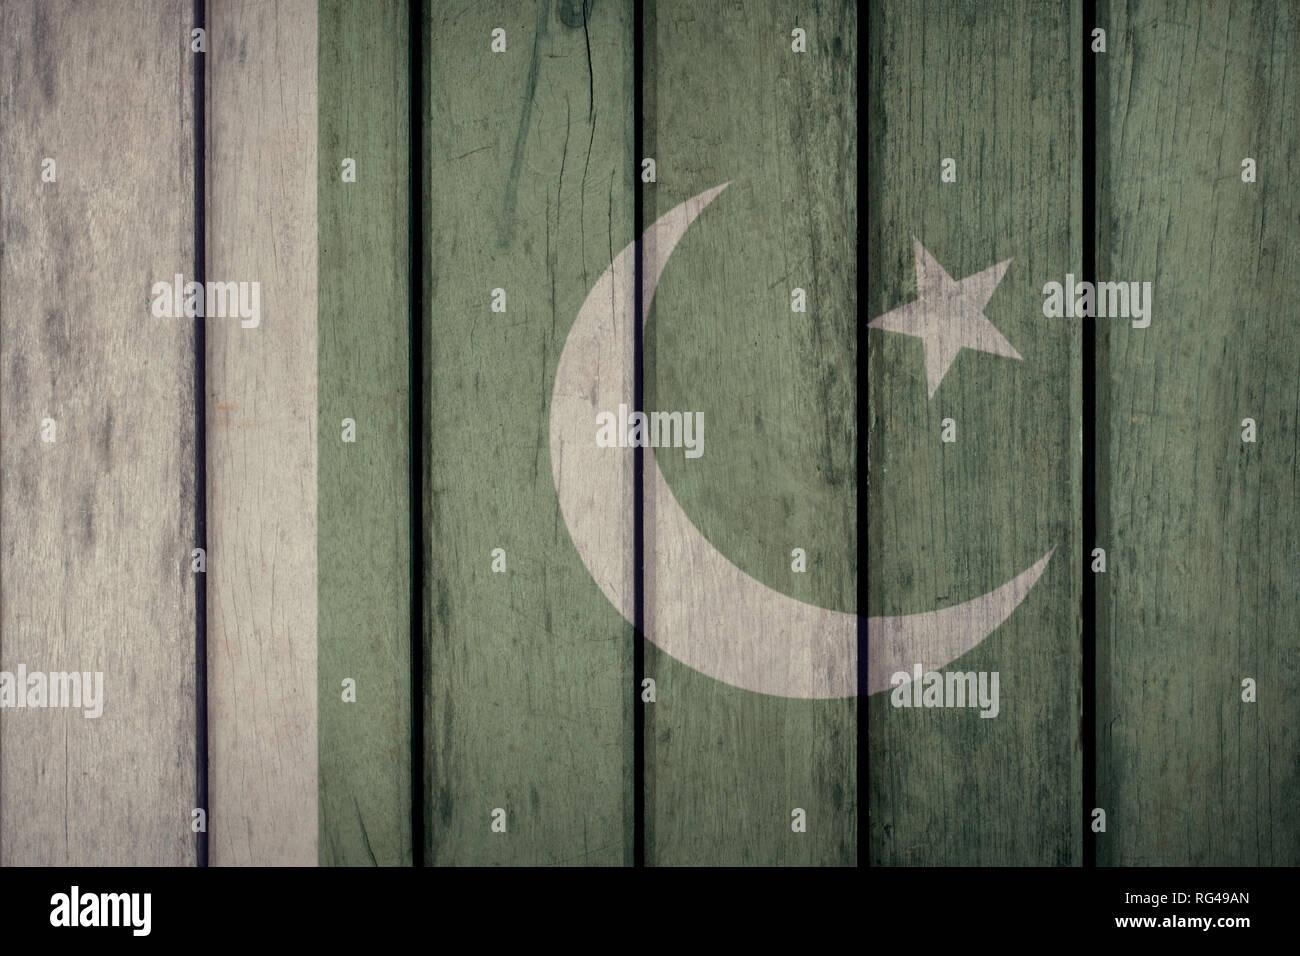 Pakistan Politik Nachrichten Konzept: Pakistanische Fahne Holzzaun Stockbild